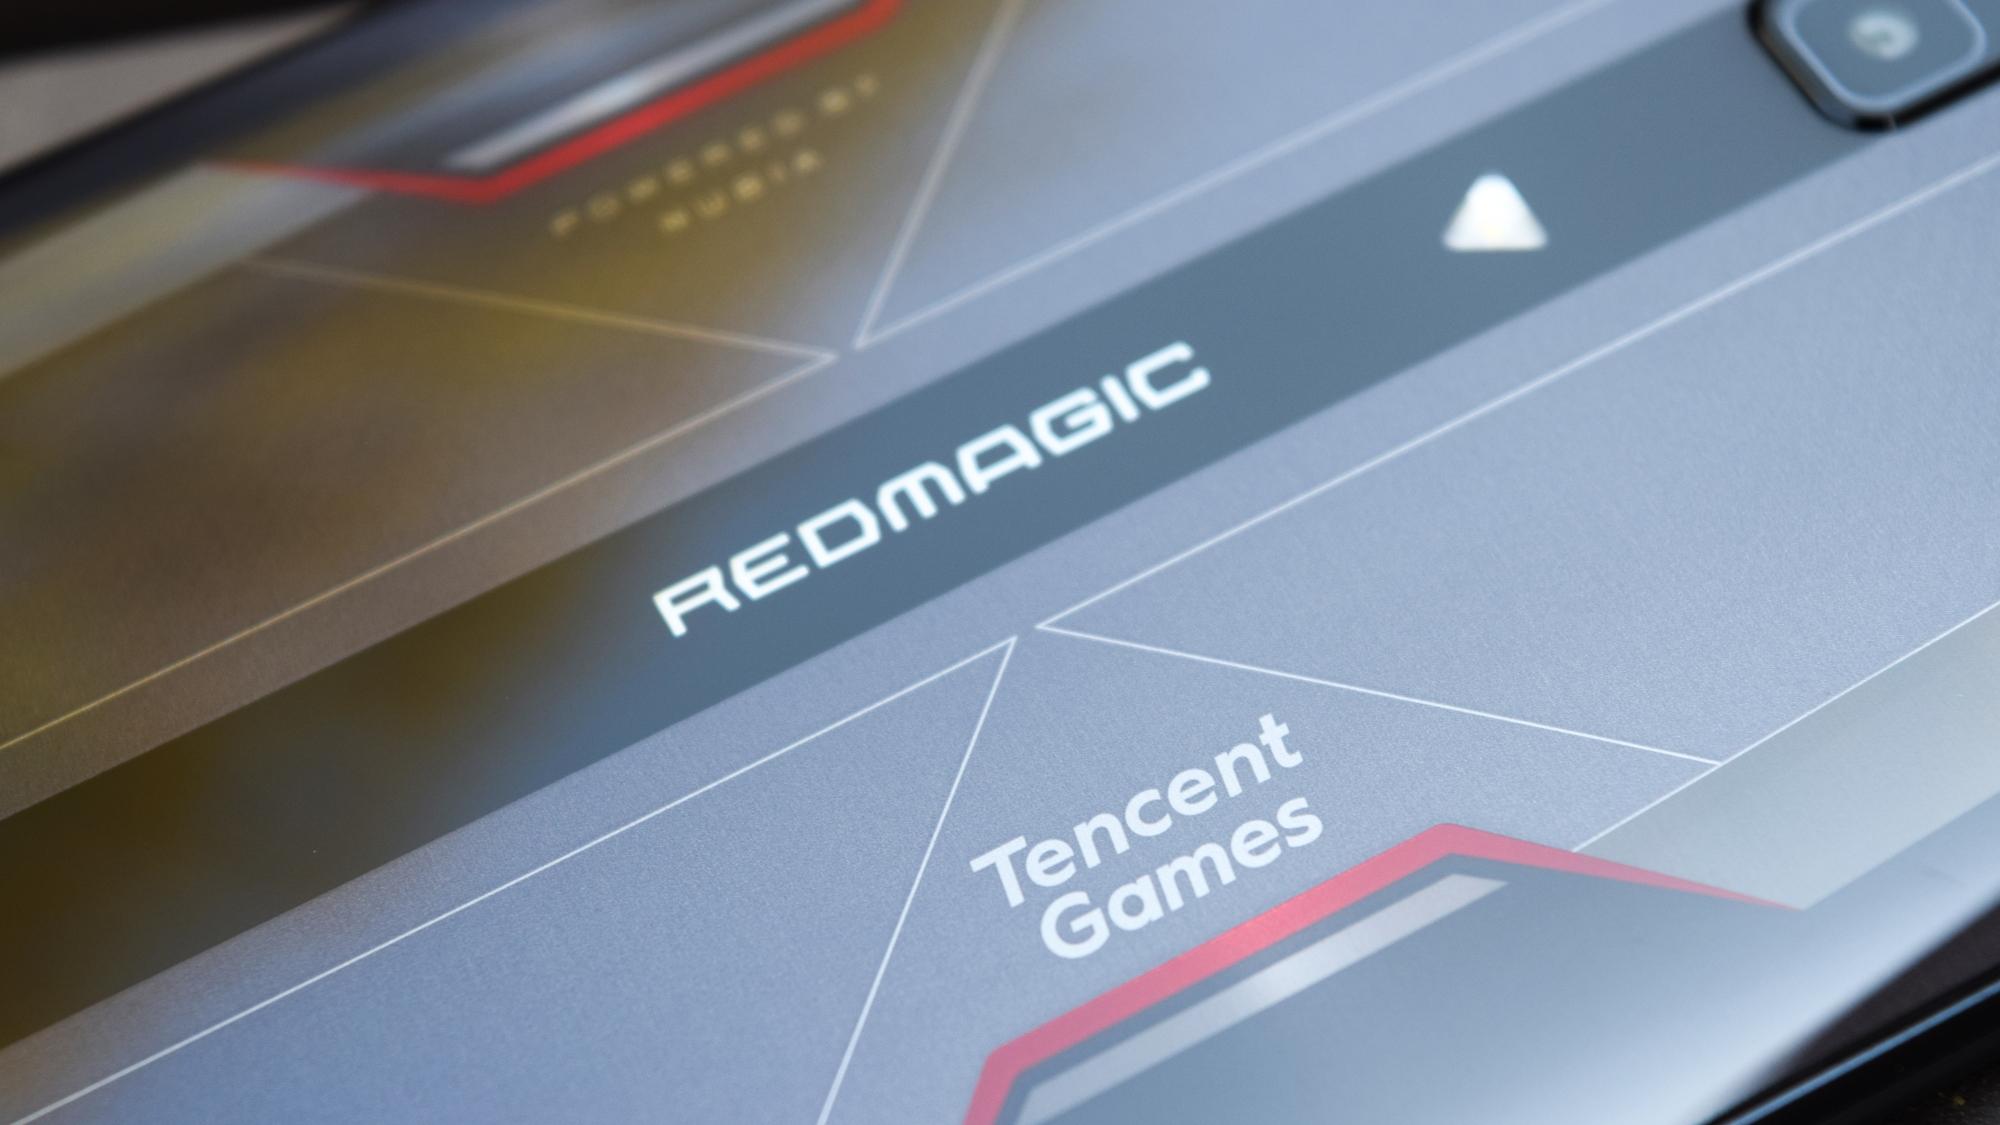 Revisión de Redmagic 6